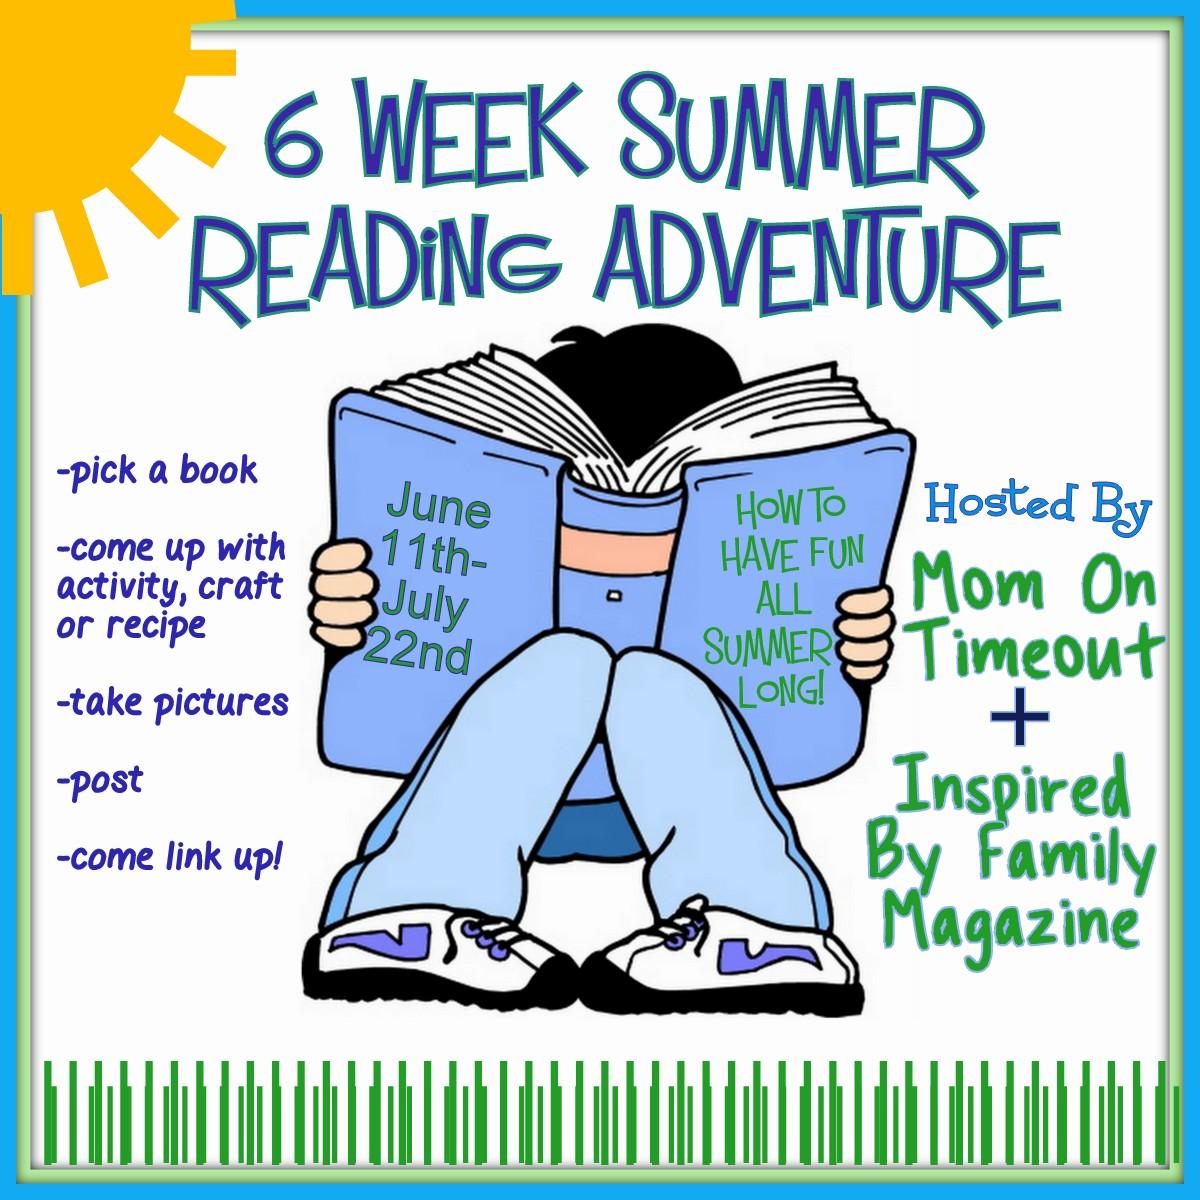 6 Week Summer Reading Adventure